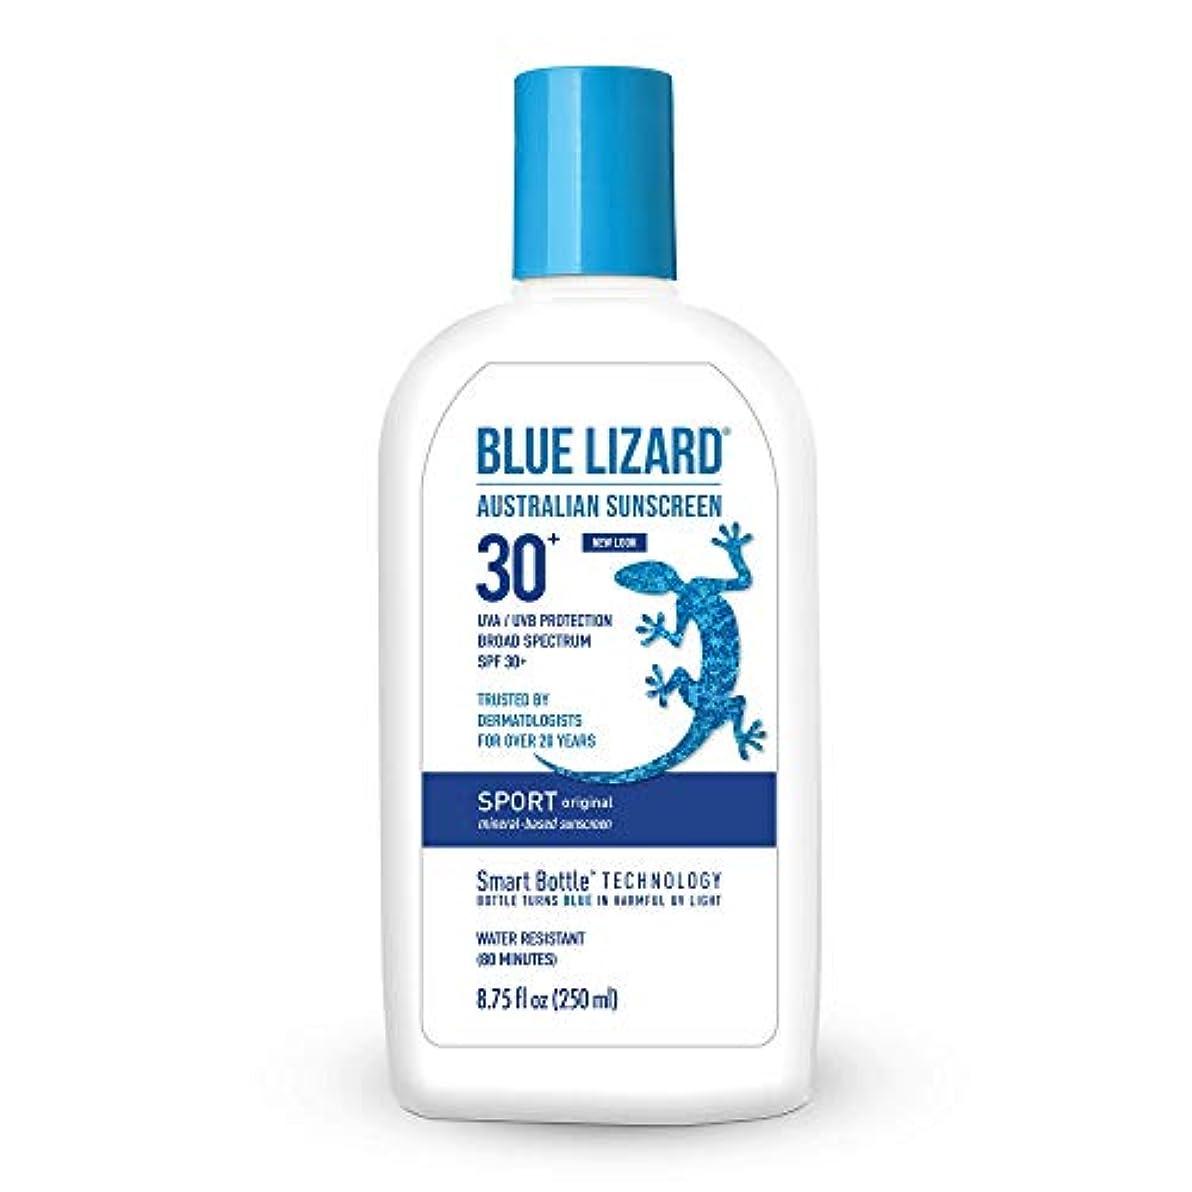 位置する禁止する名義でBlue Lizard Australian SUNSCREEN SPF 30+, Sport SPF 30+ (8.75 oz) by Blue Lizard